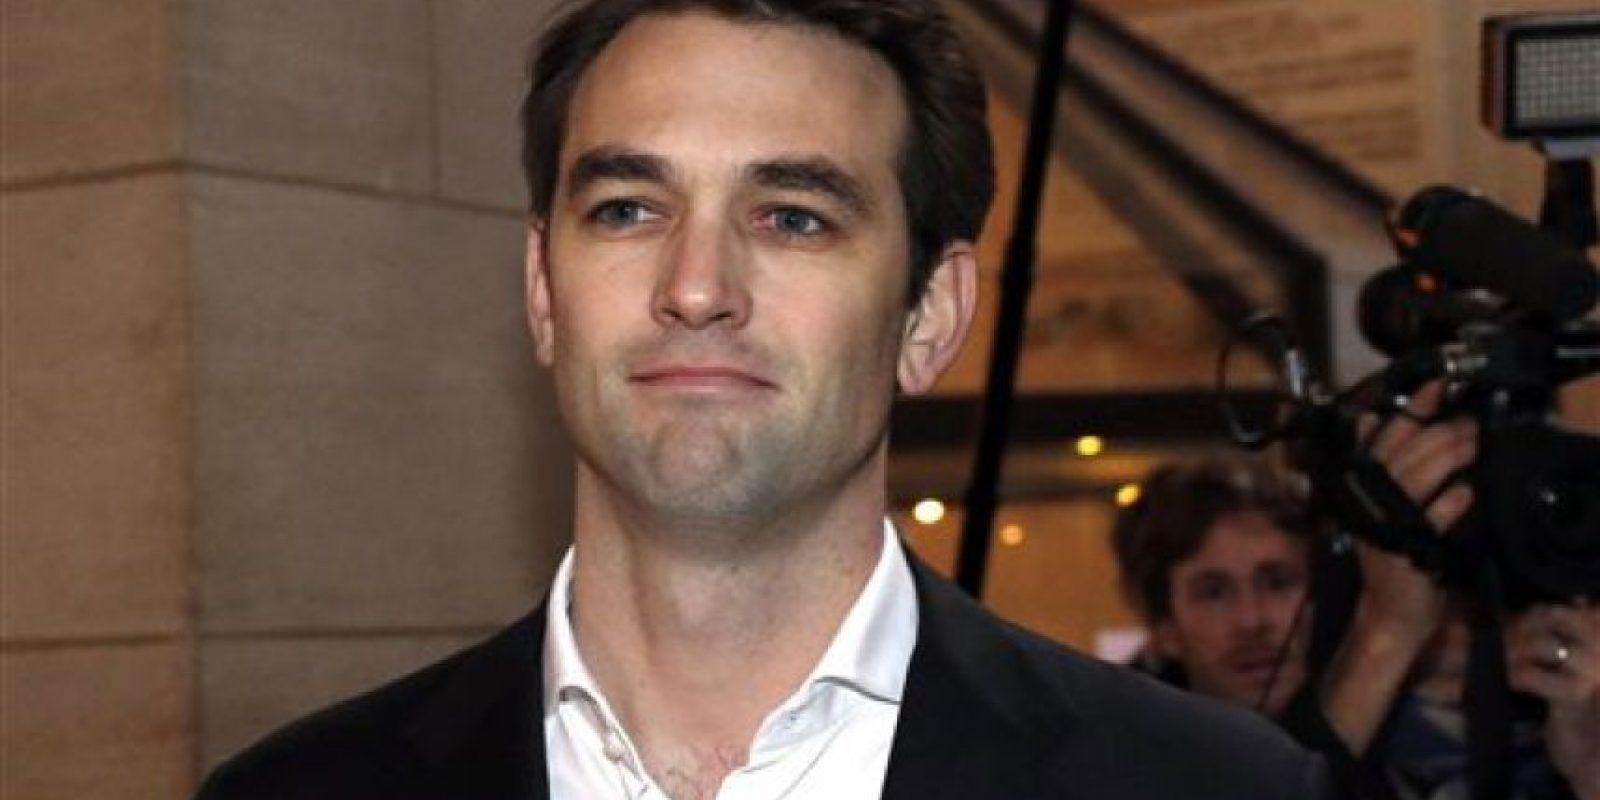 Thibaud Simphal, director general de Uber Francia, condenado en varias ocasiones por operar sistemas que ponen en contacto a clientes con conductores, de forma ilícita. Foto:AP/ Archivo